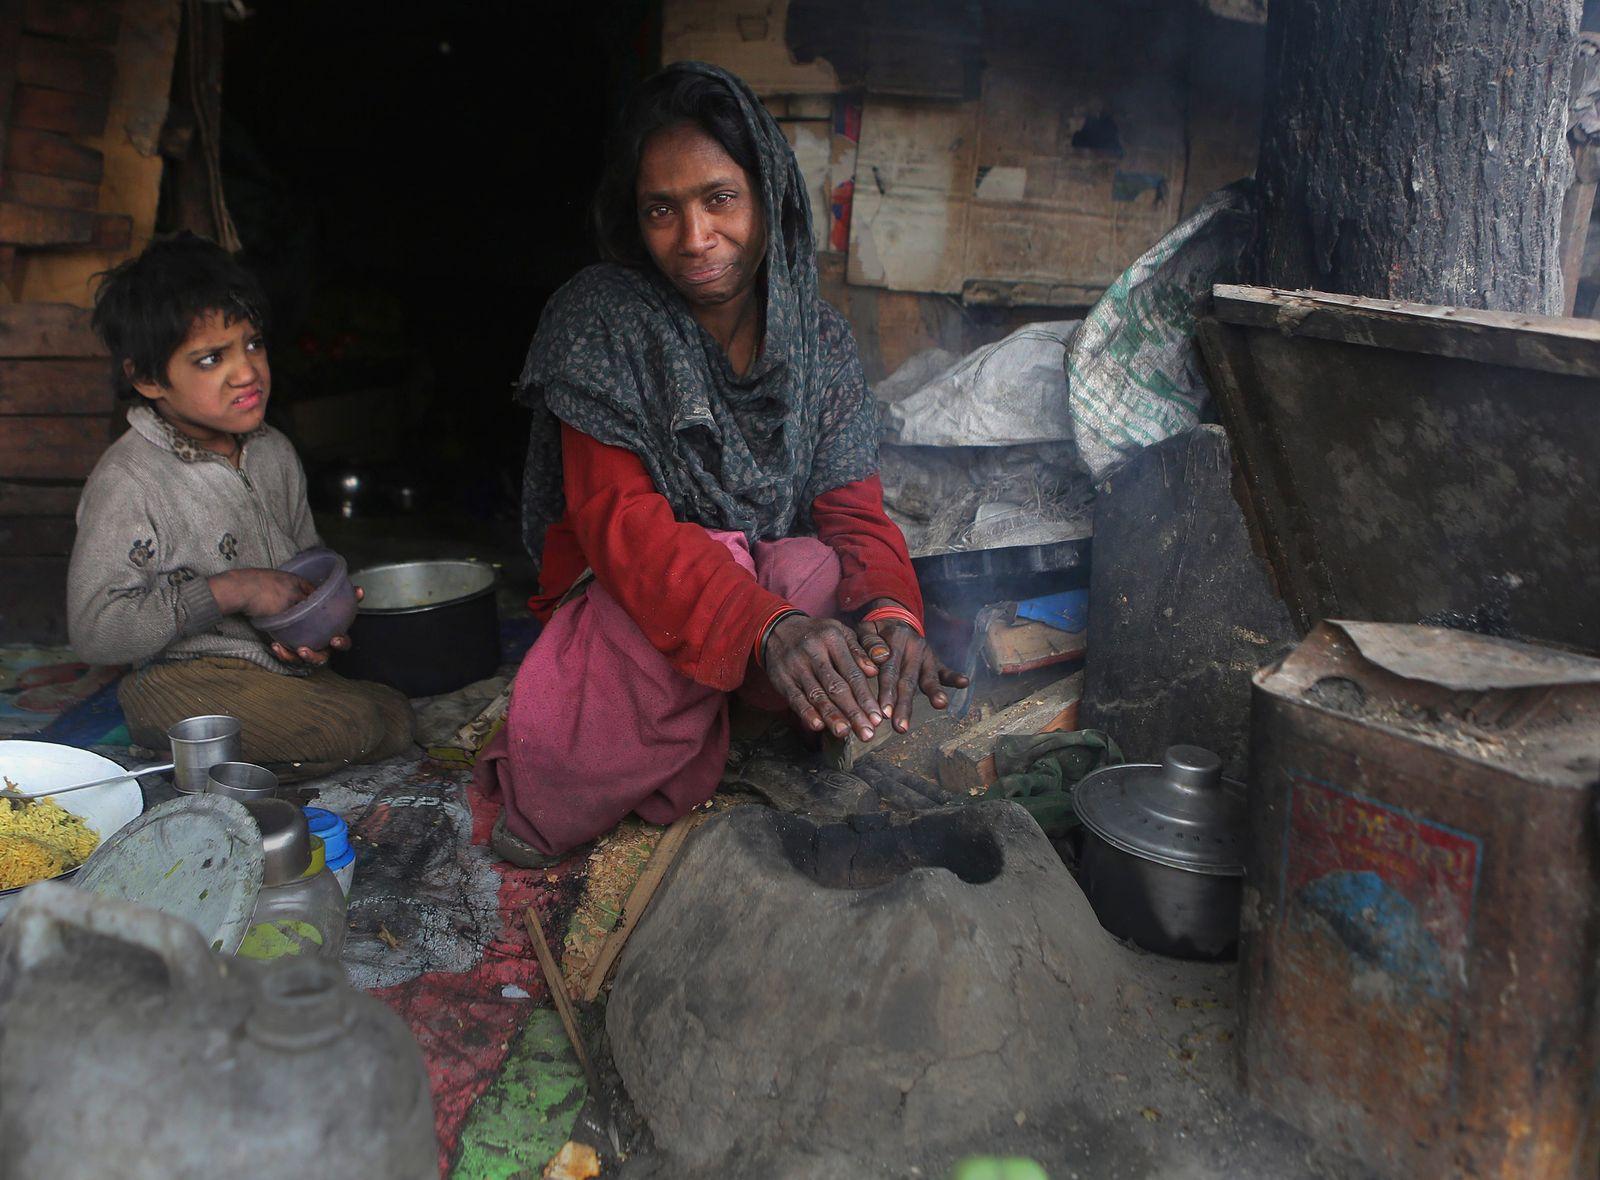 SPERRFRIST 16.09.15 19Uhr Luftverschmutzung/ Indische Frau am Lehmofen